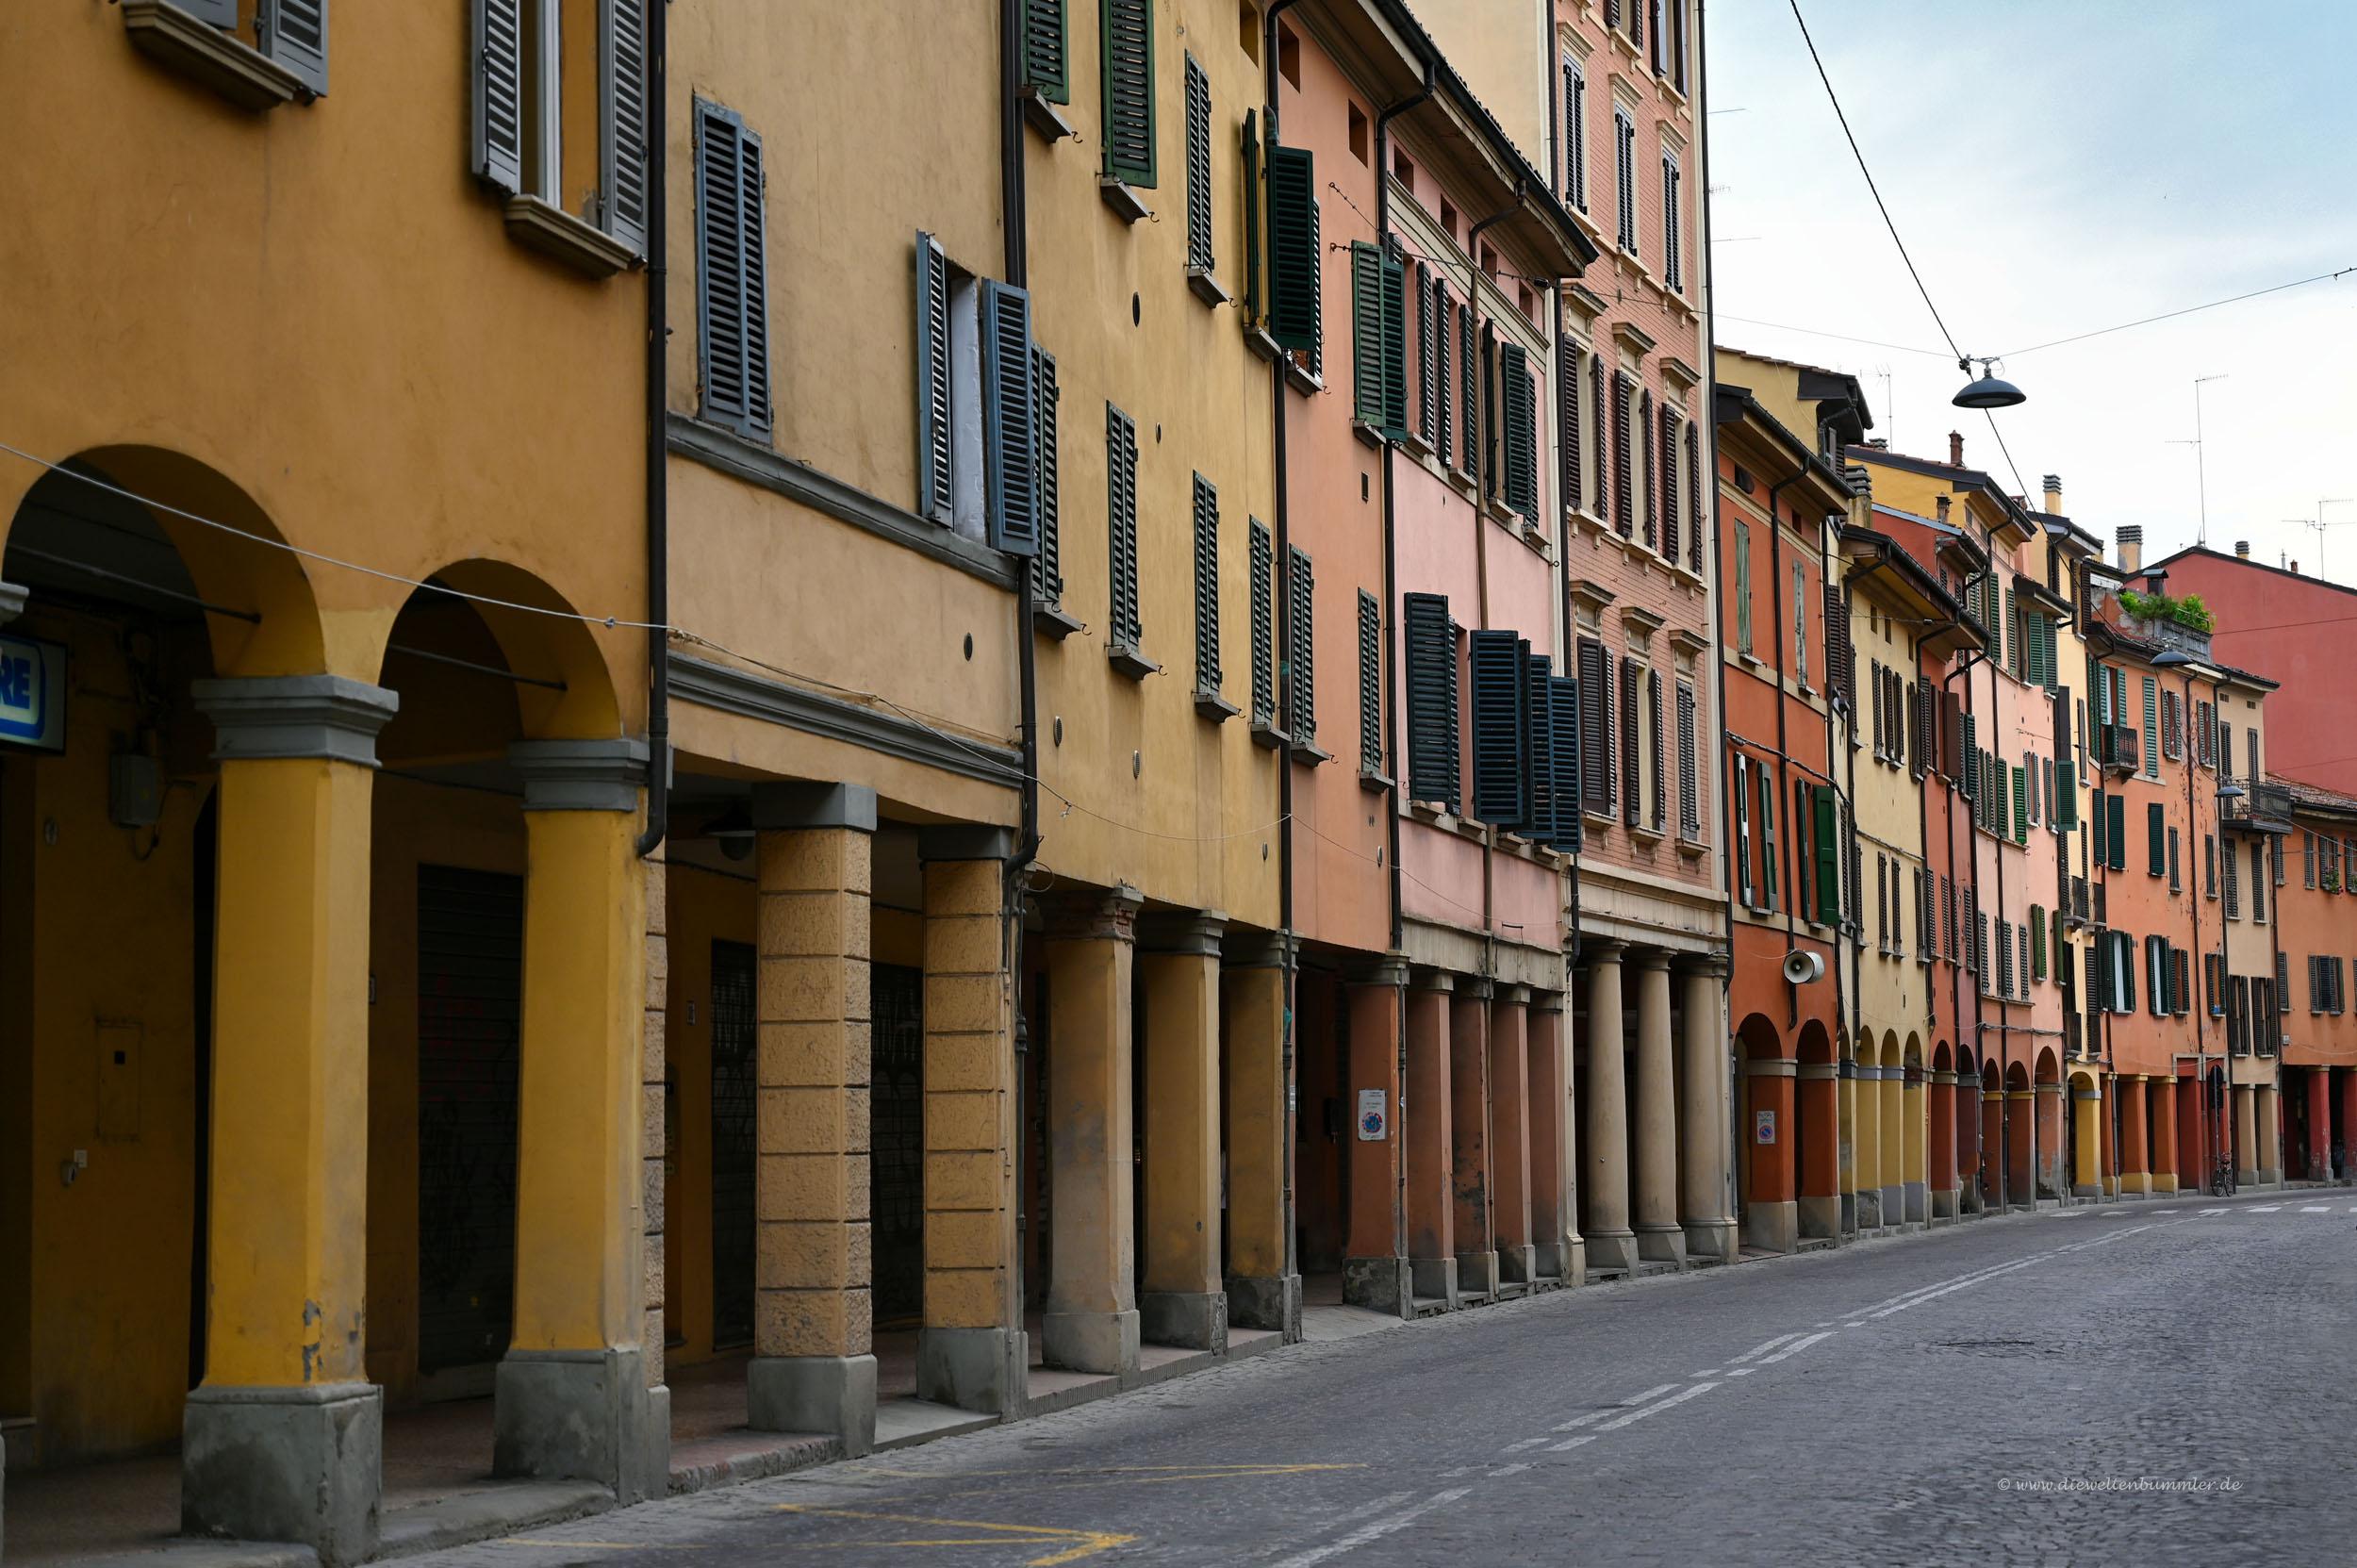 Arkaden in der Altstadt